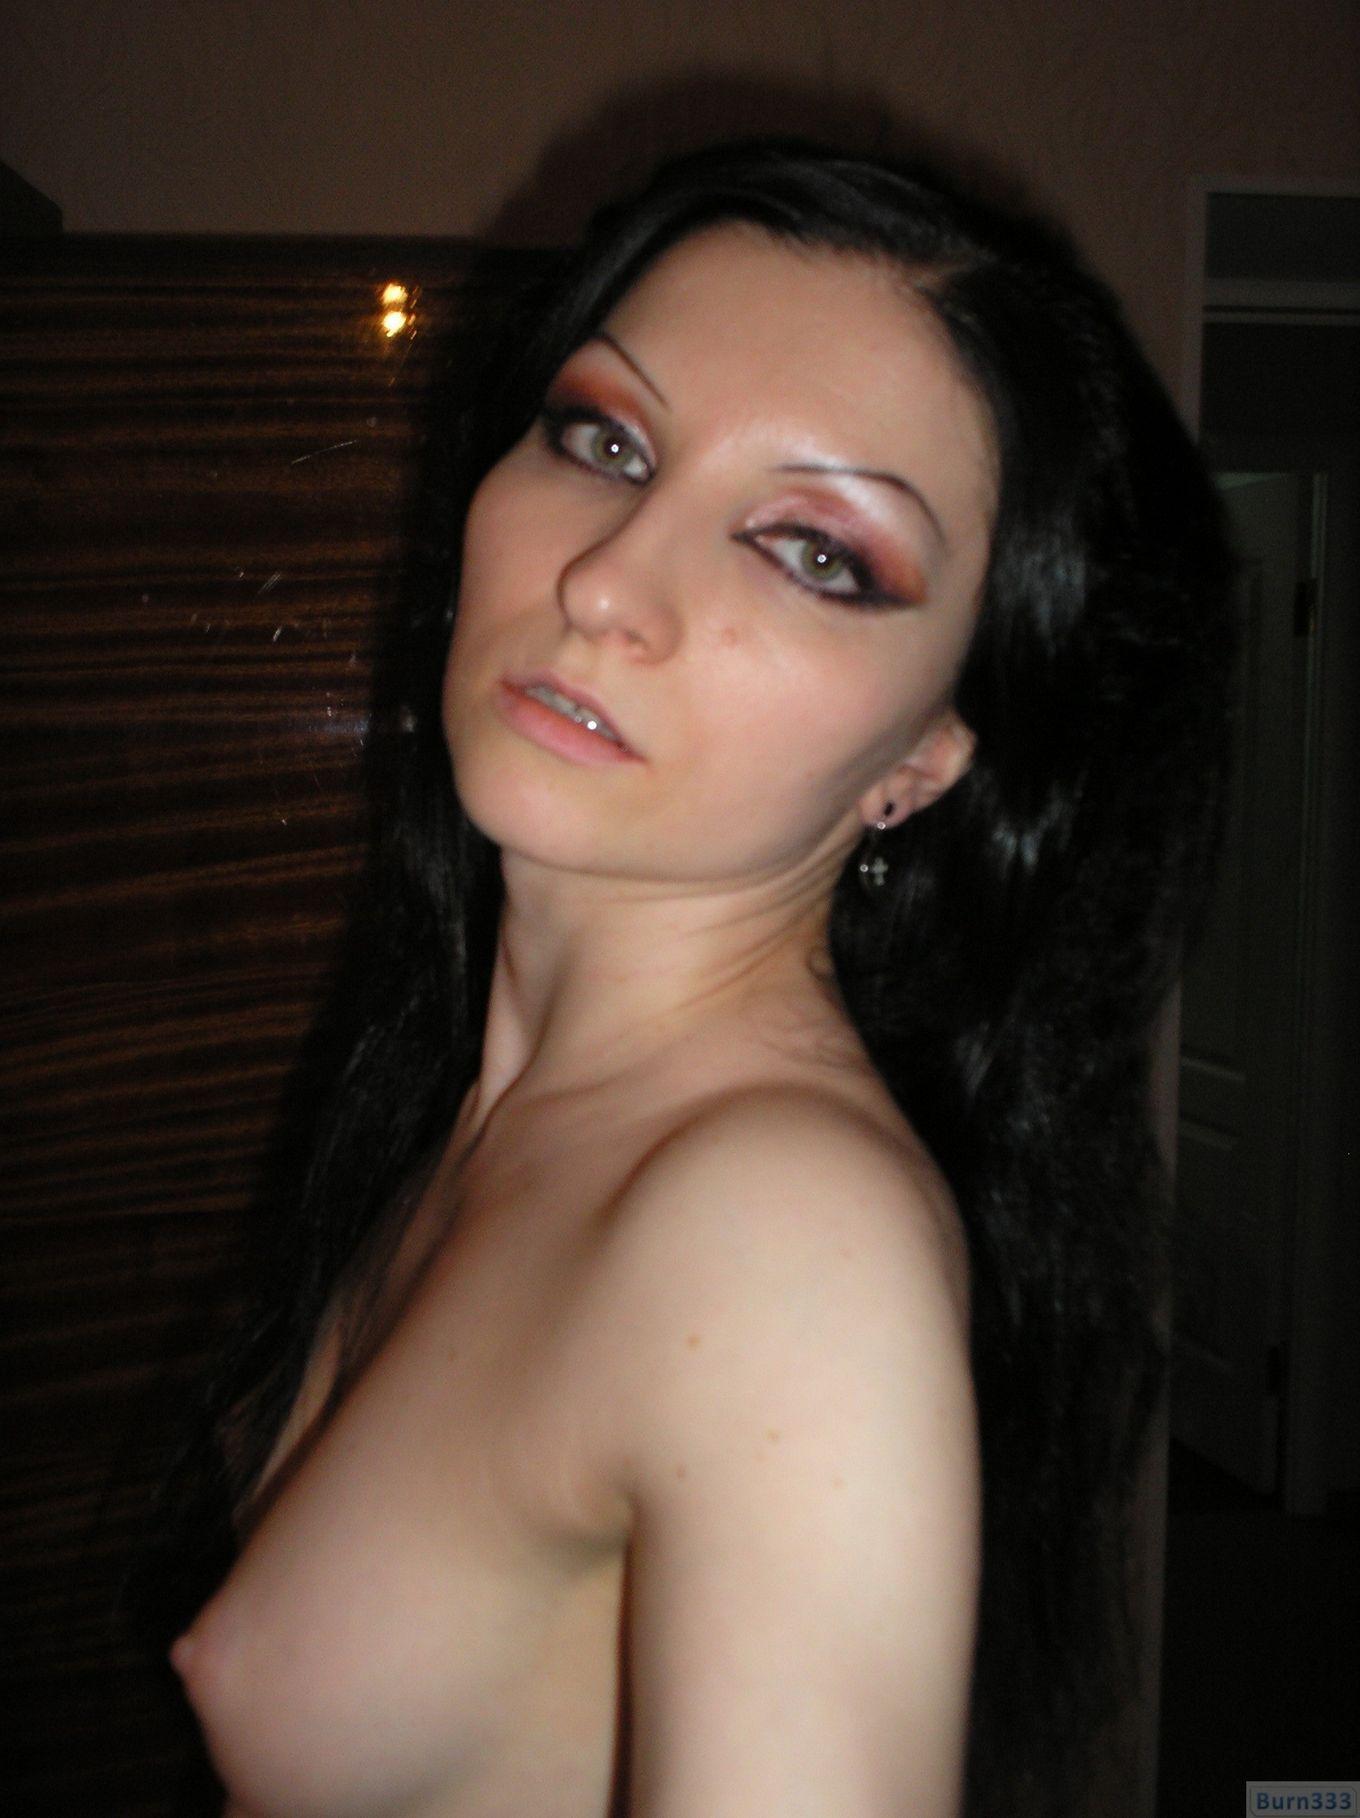 Деваха соглашается на домашнюю эротическую фотосессию, в которой она постепенно снимает лифчик